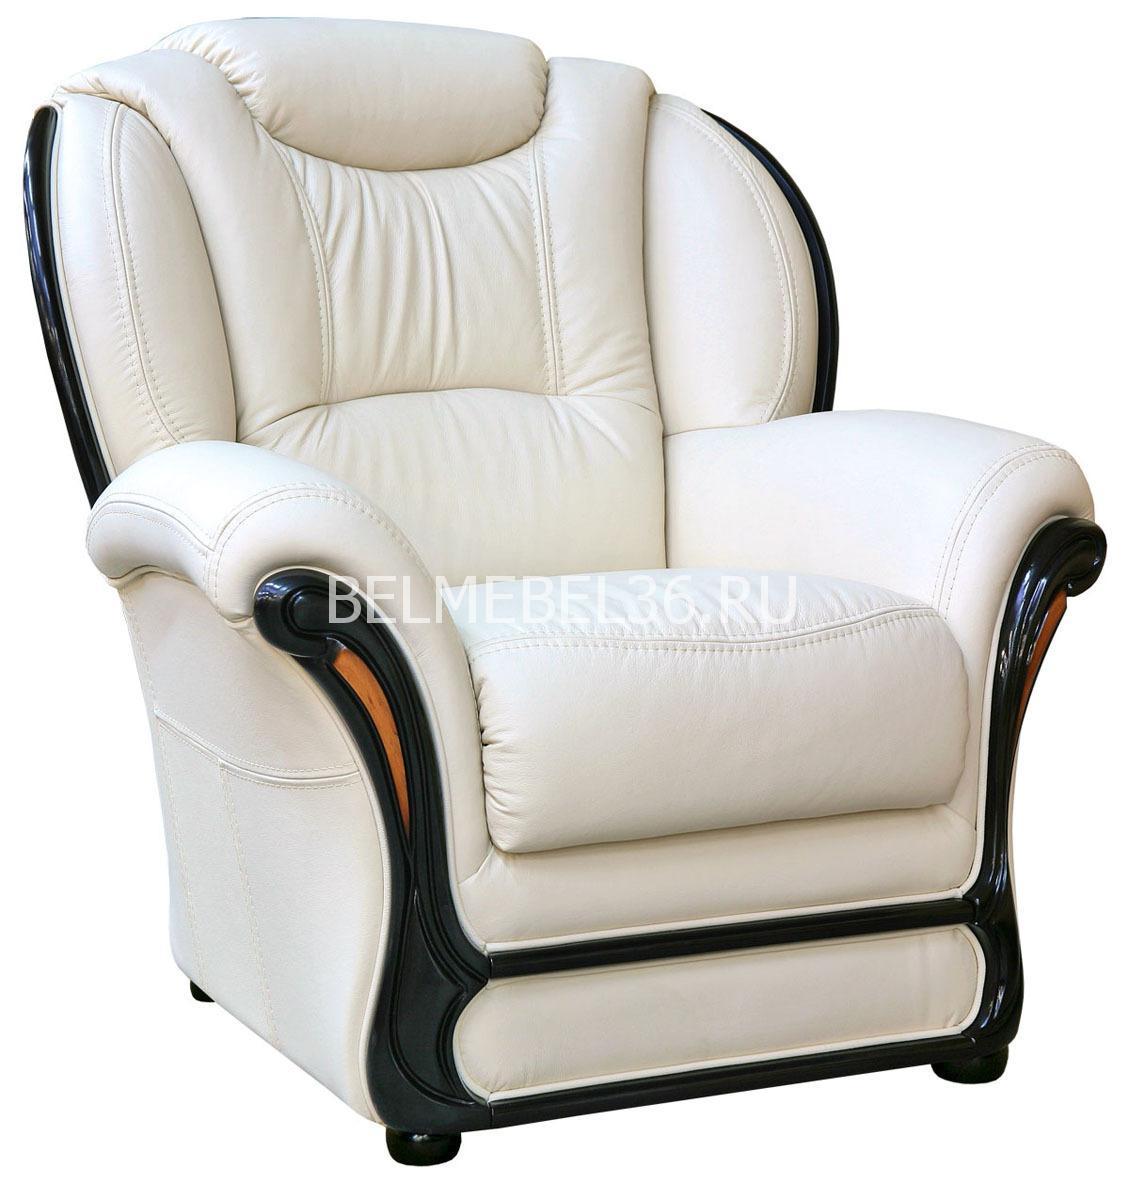 Кресло Мартель (12) П-Д063 | Белорусская мебель в Воронеже